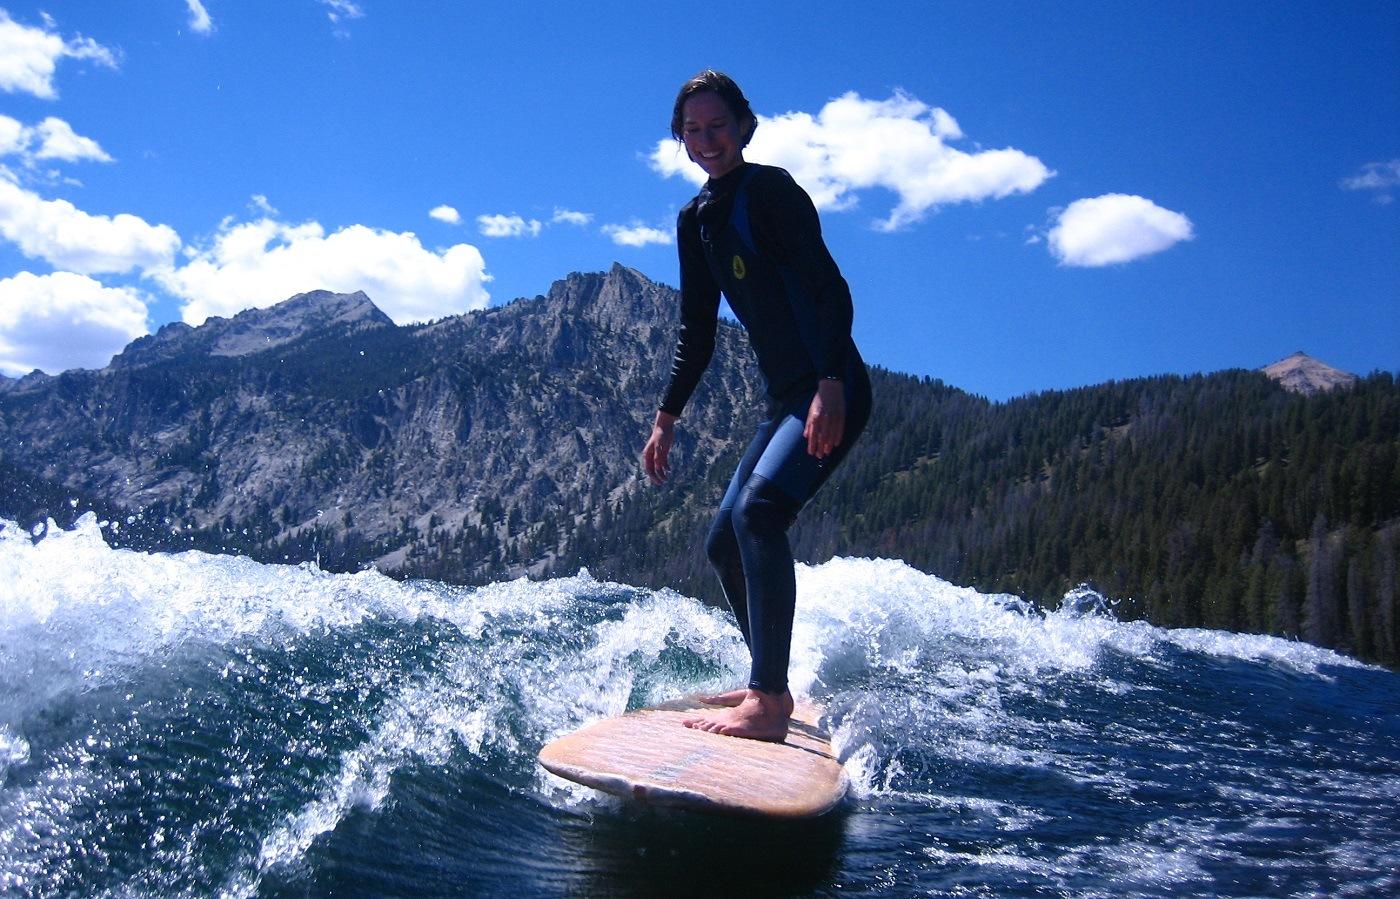 Meine 8 besten Surfspots für Anfänger und Intermediate-Surfer